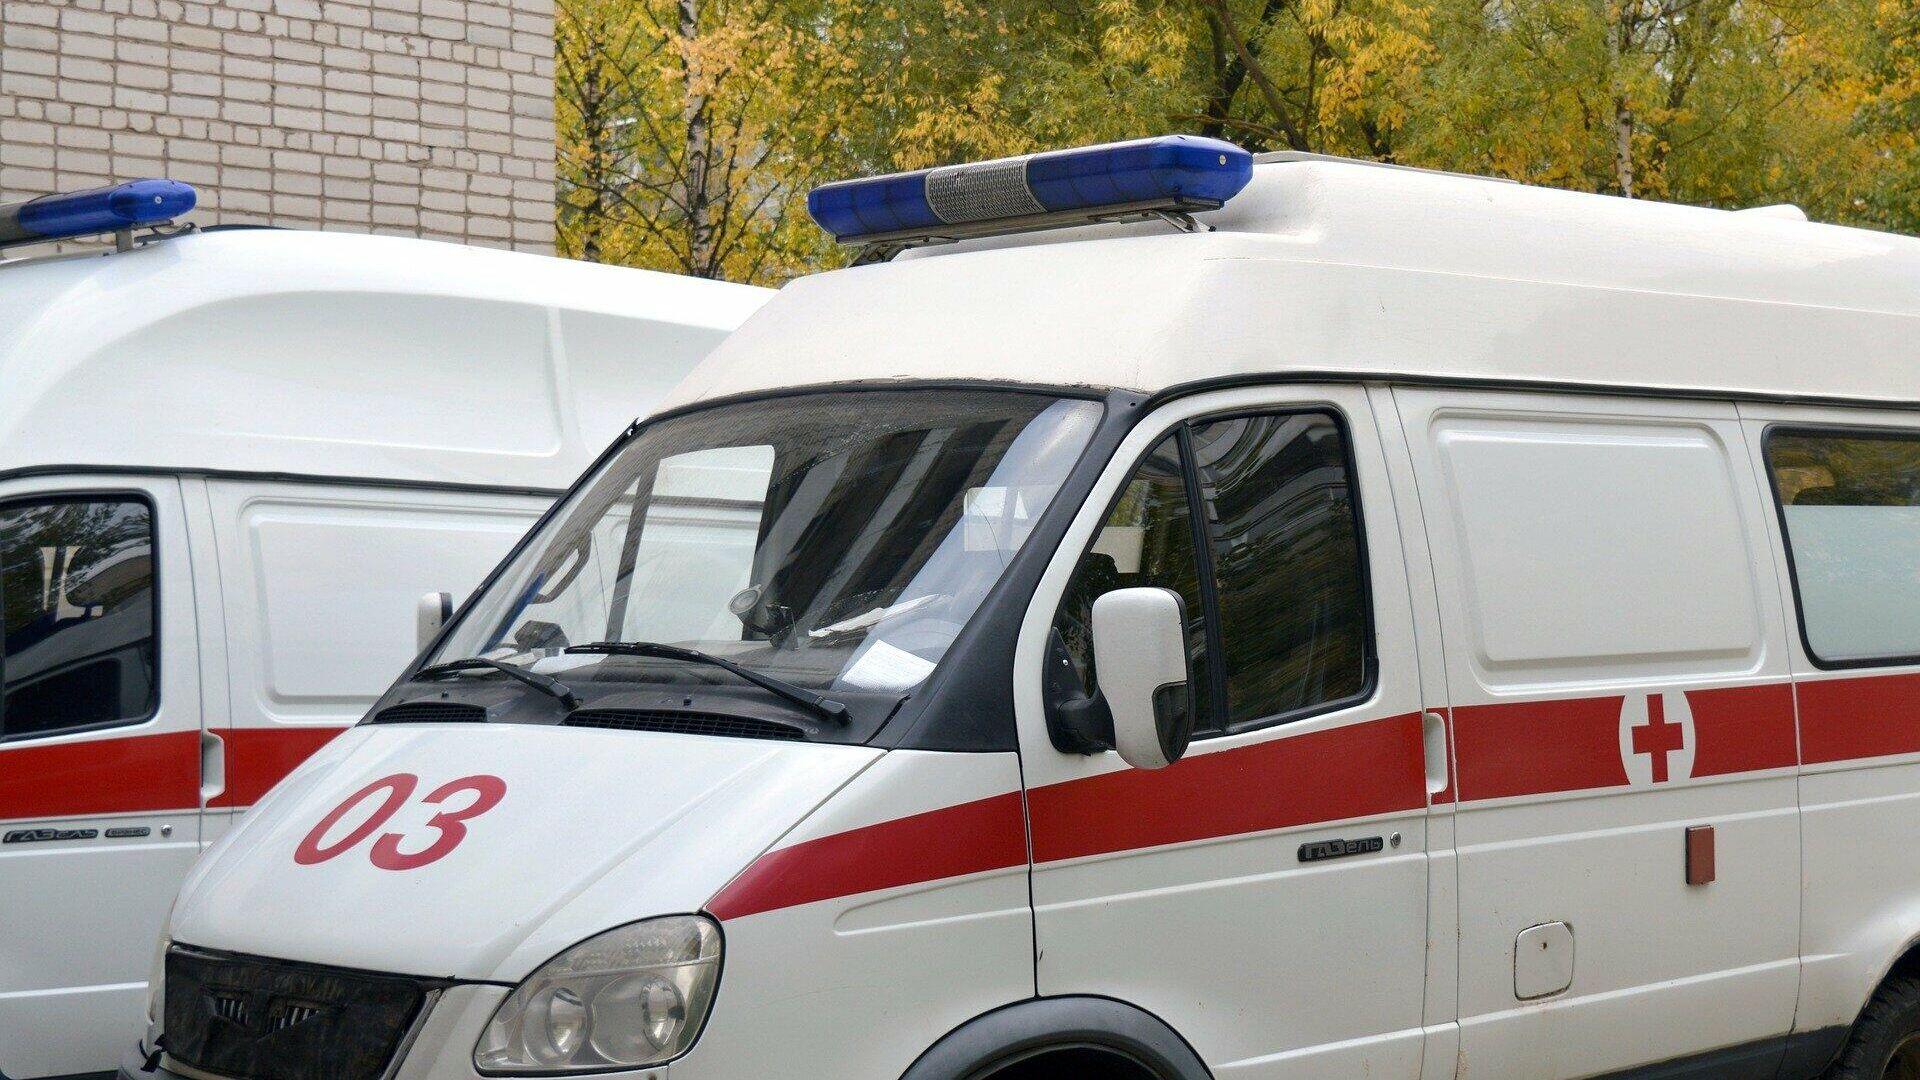 Rettungswagen in Russland (Symbolbild) - SNA, 1920, 08.10.2021